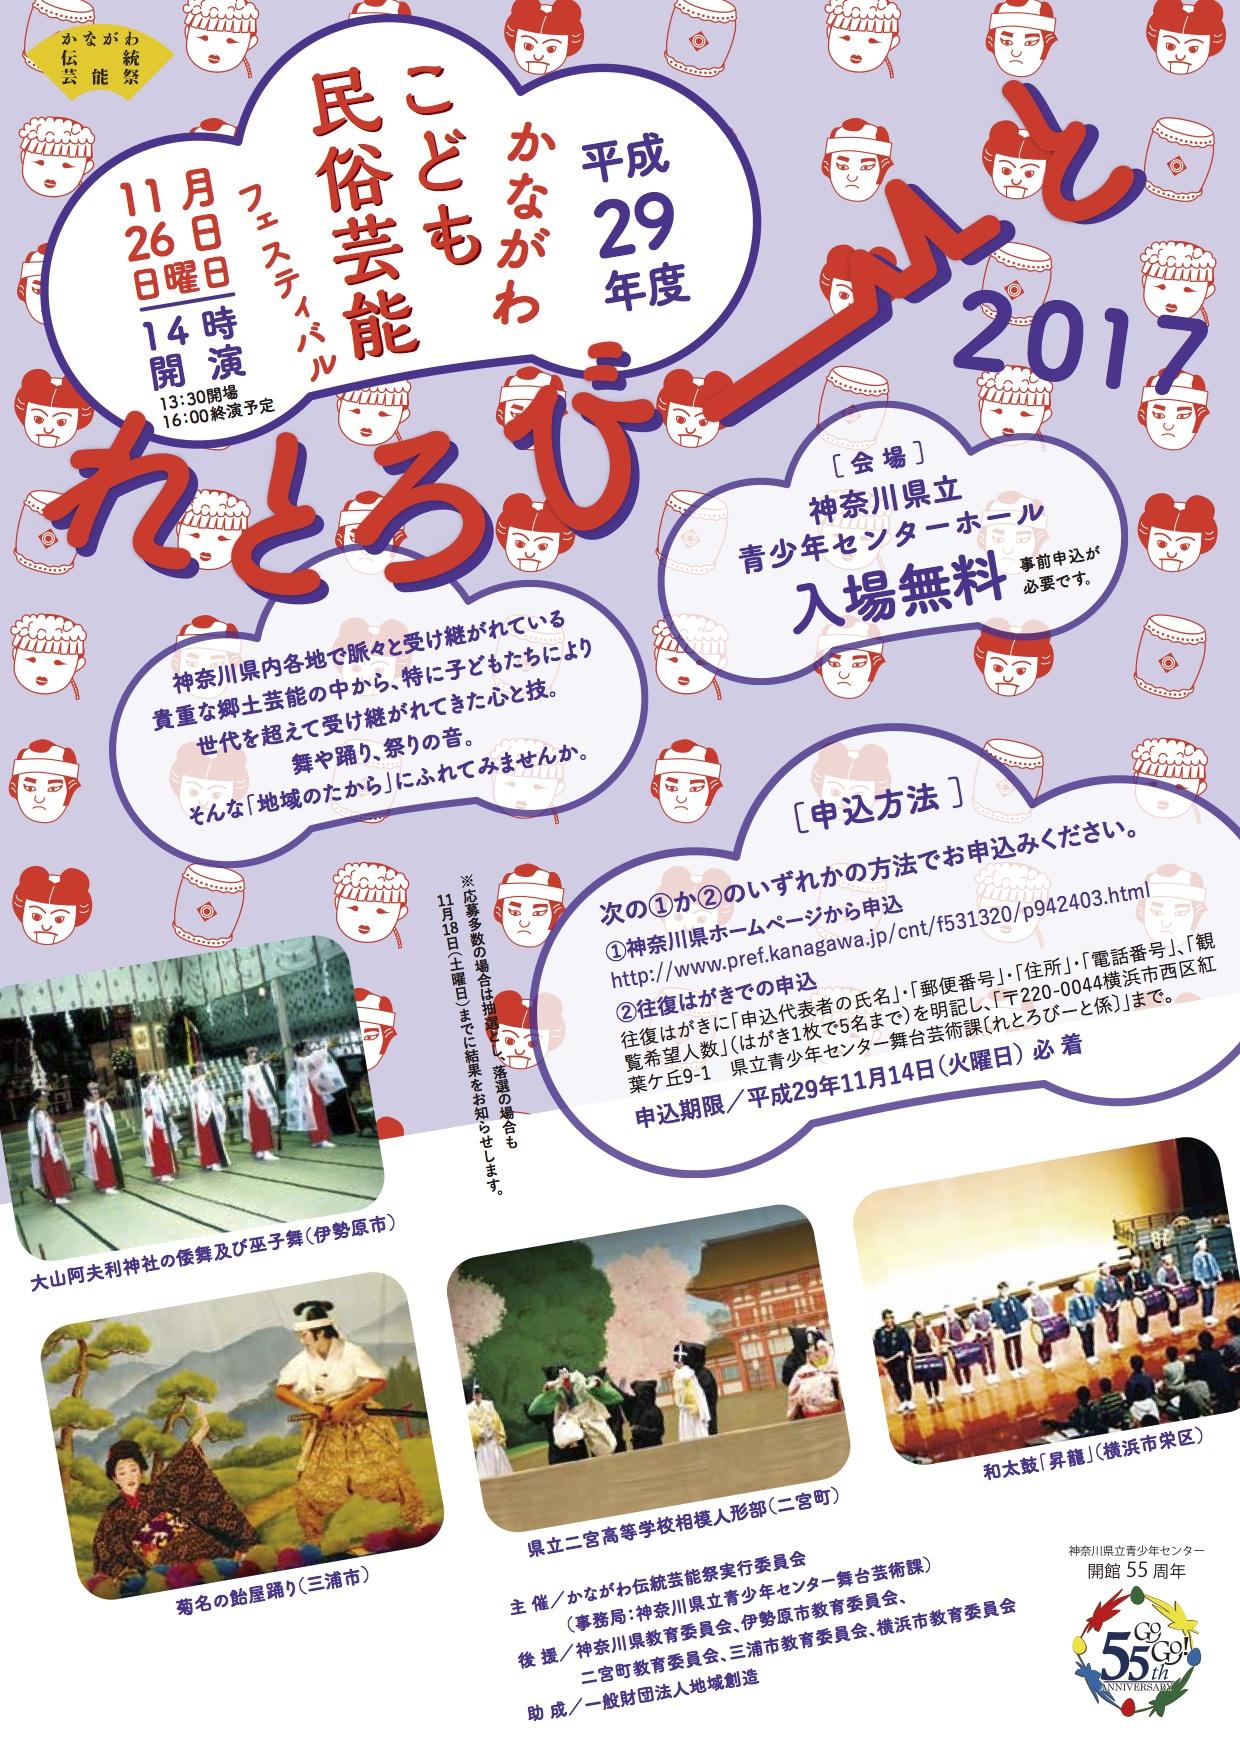 平成29年度 かながわこども民俗芸能フェスティバル~れとろびーと2017~